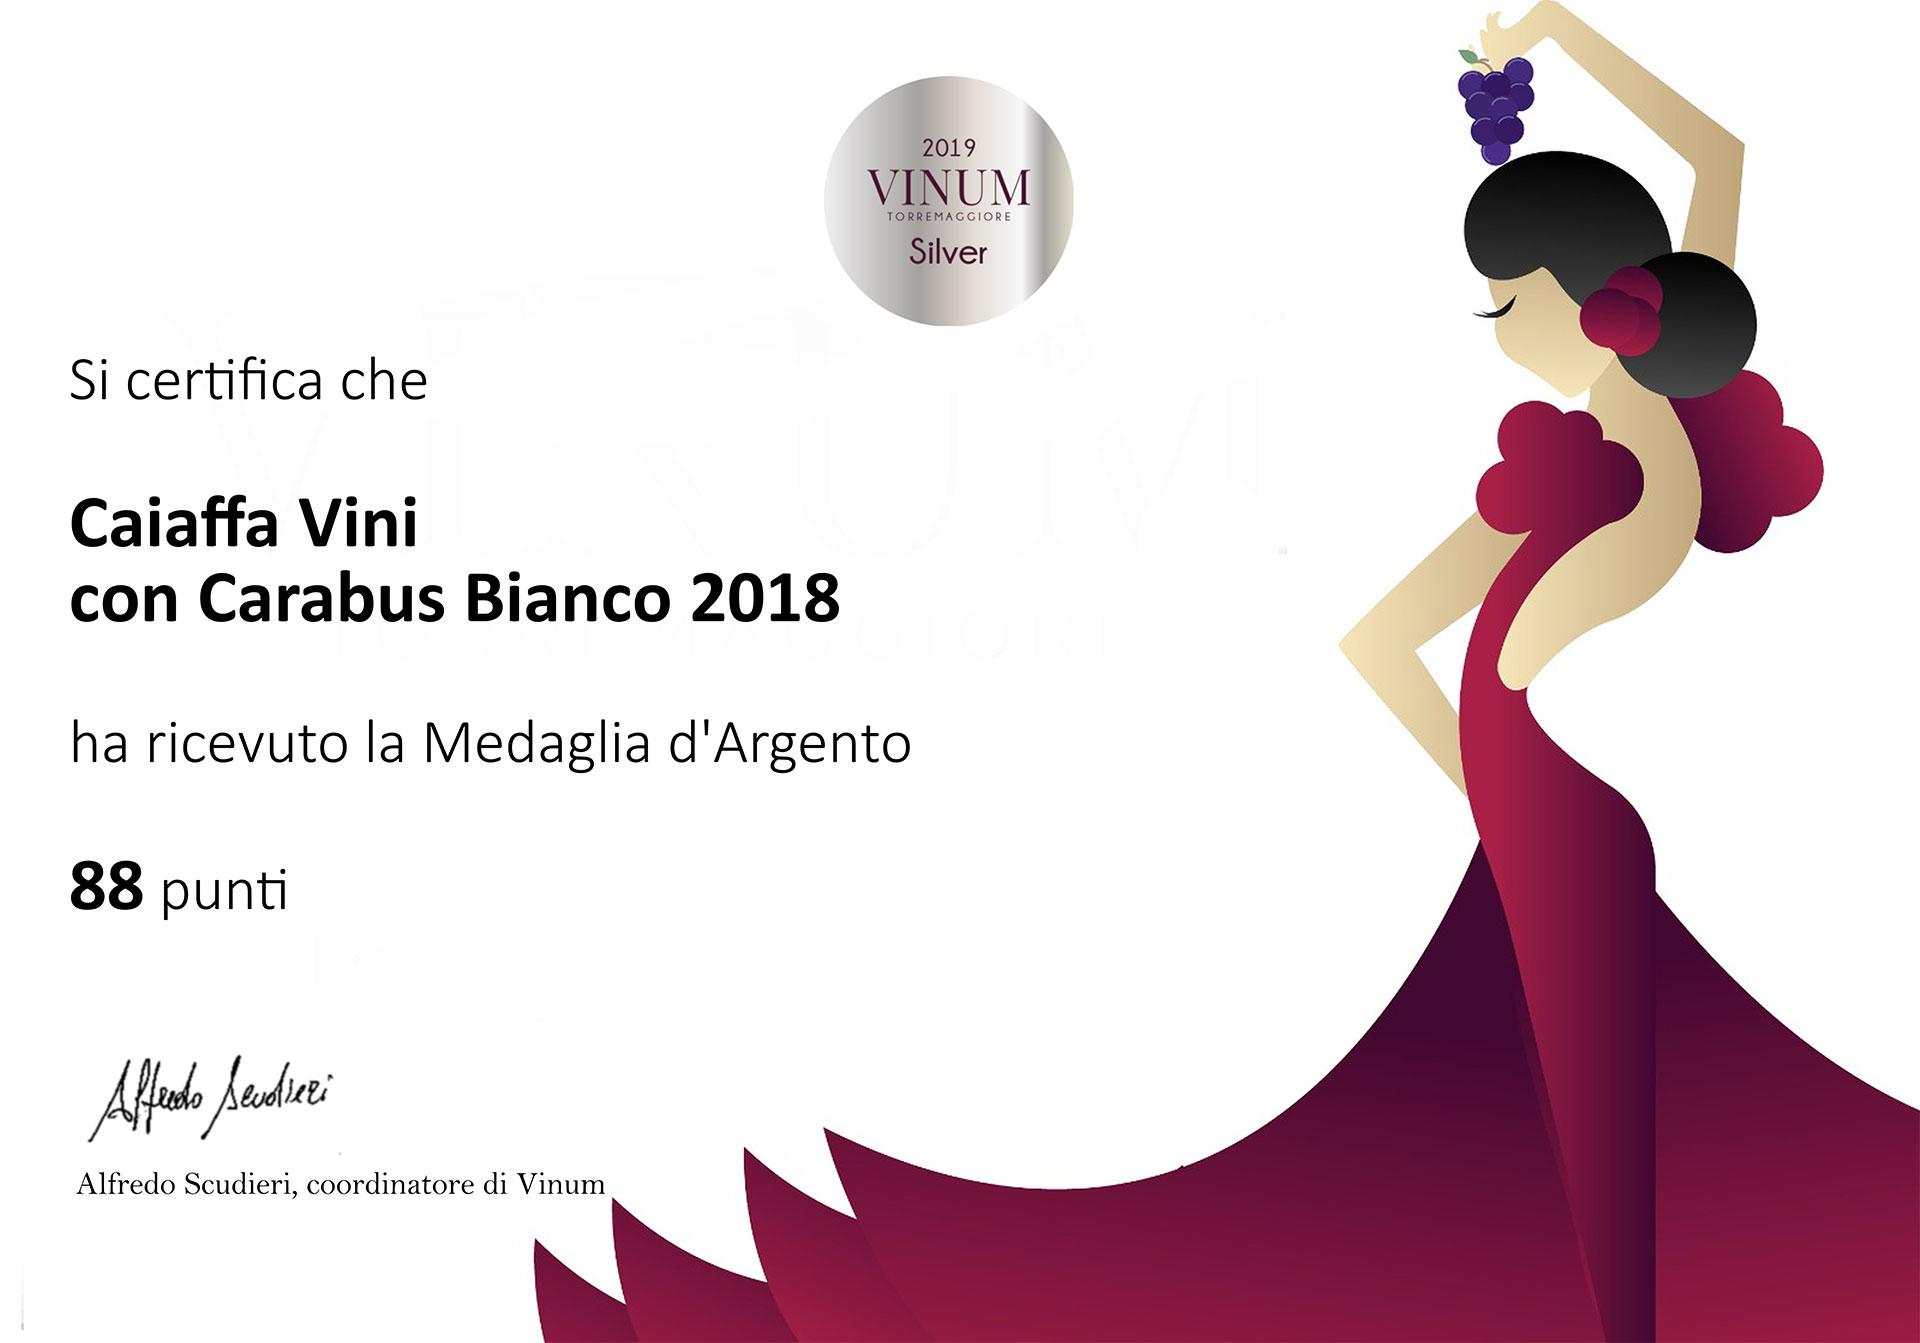 Vinum 2019 – Sliver Medal